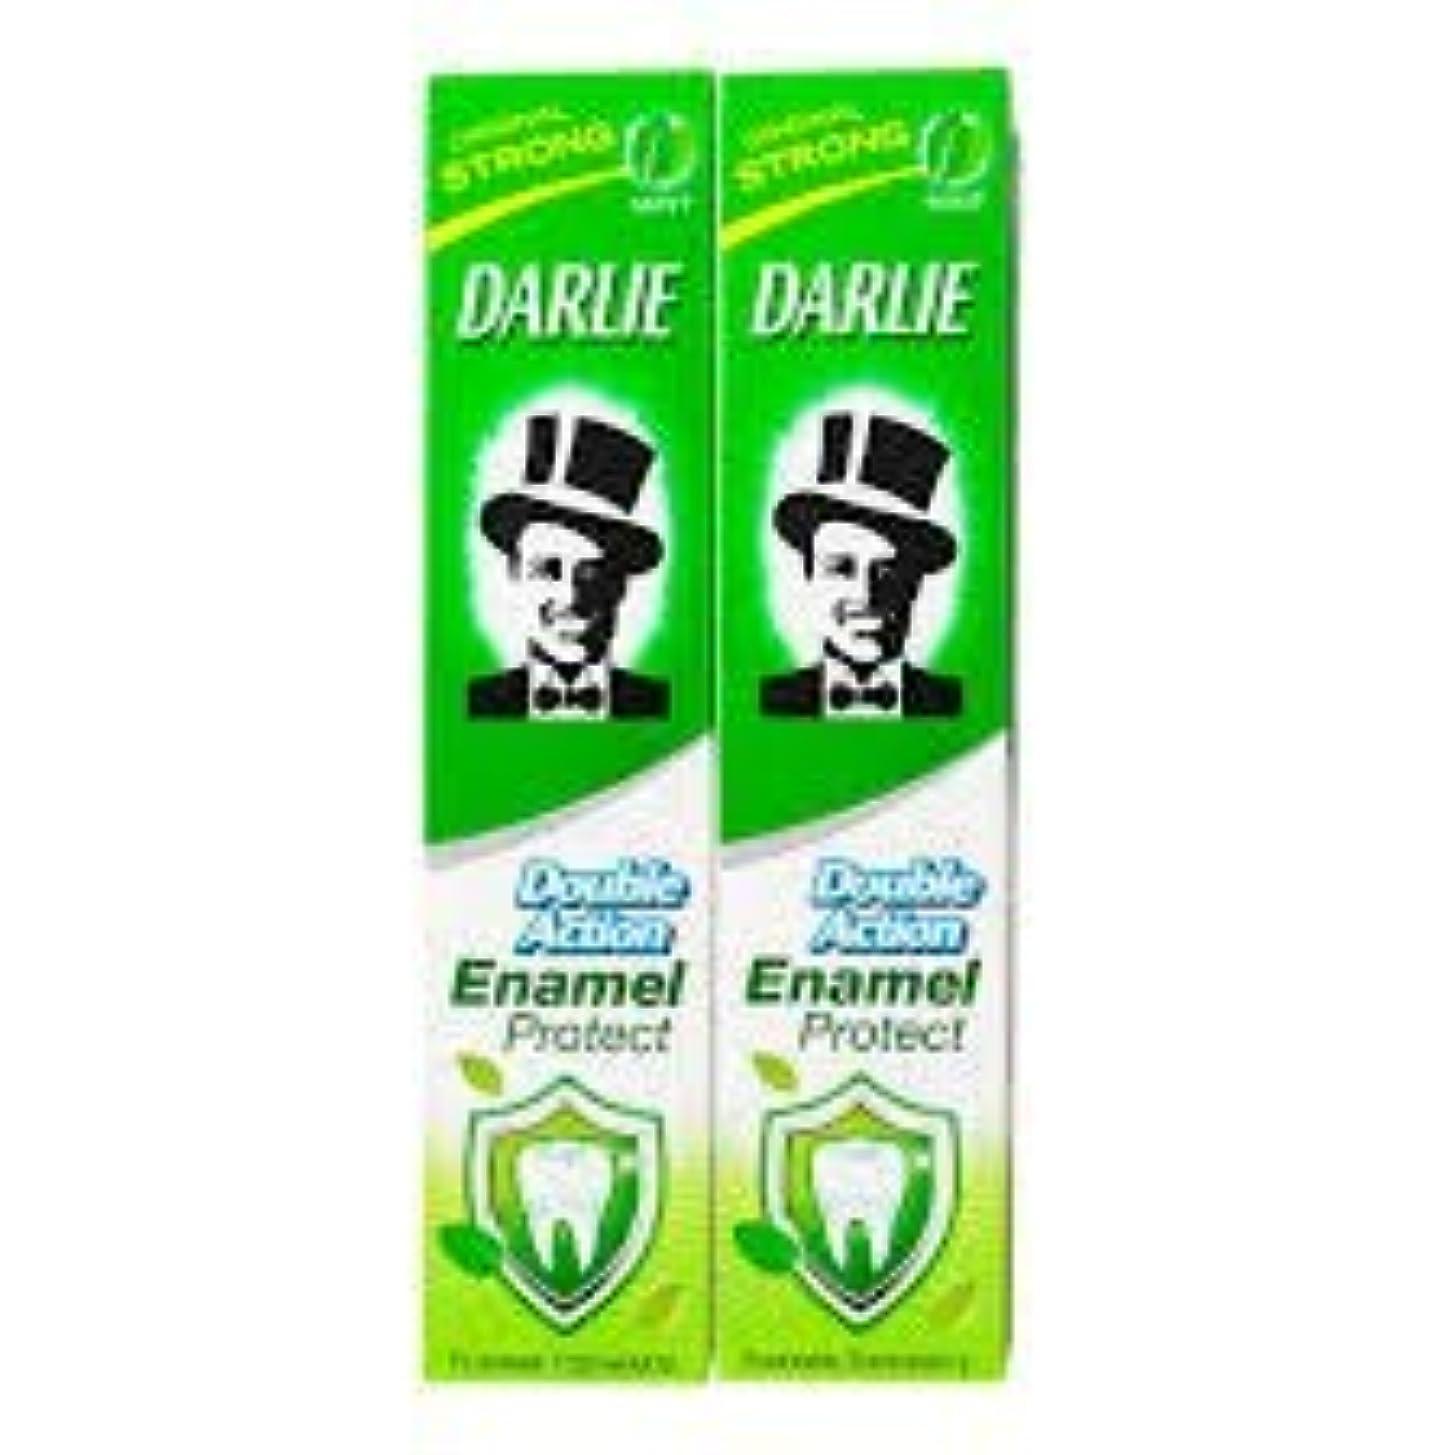 教義相談するブラザーDARLIE 歯磨き粉歯磨き粉二重の役割、保護エナメル強いミント2×220ケ - あなたの歯を強化し、防御の最前線